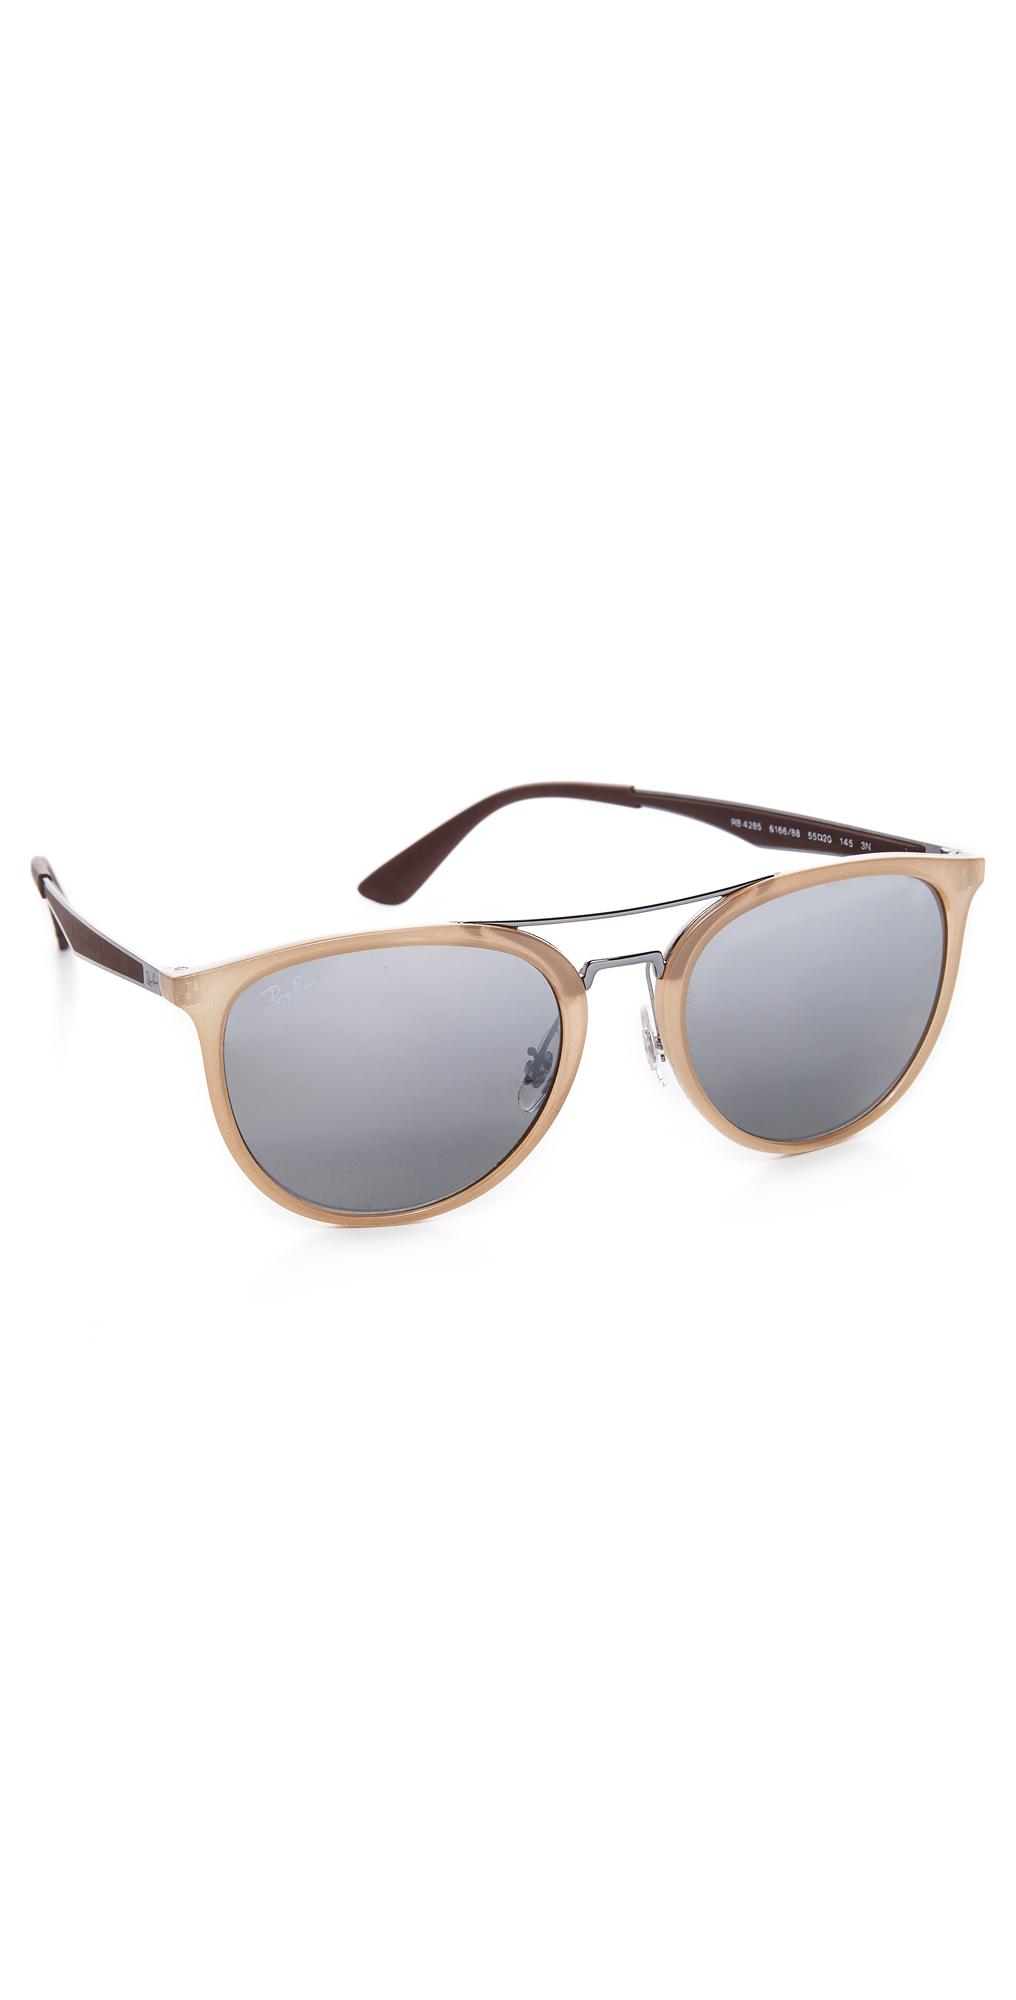 Round Brow Bar Mirrored Aviator Sunglasses Ray-Ban